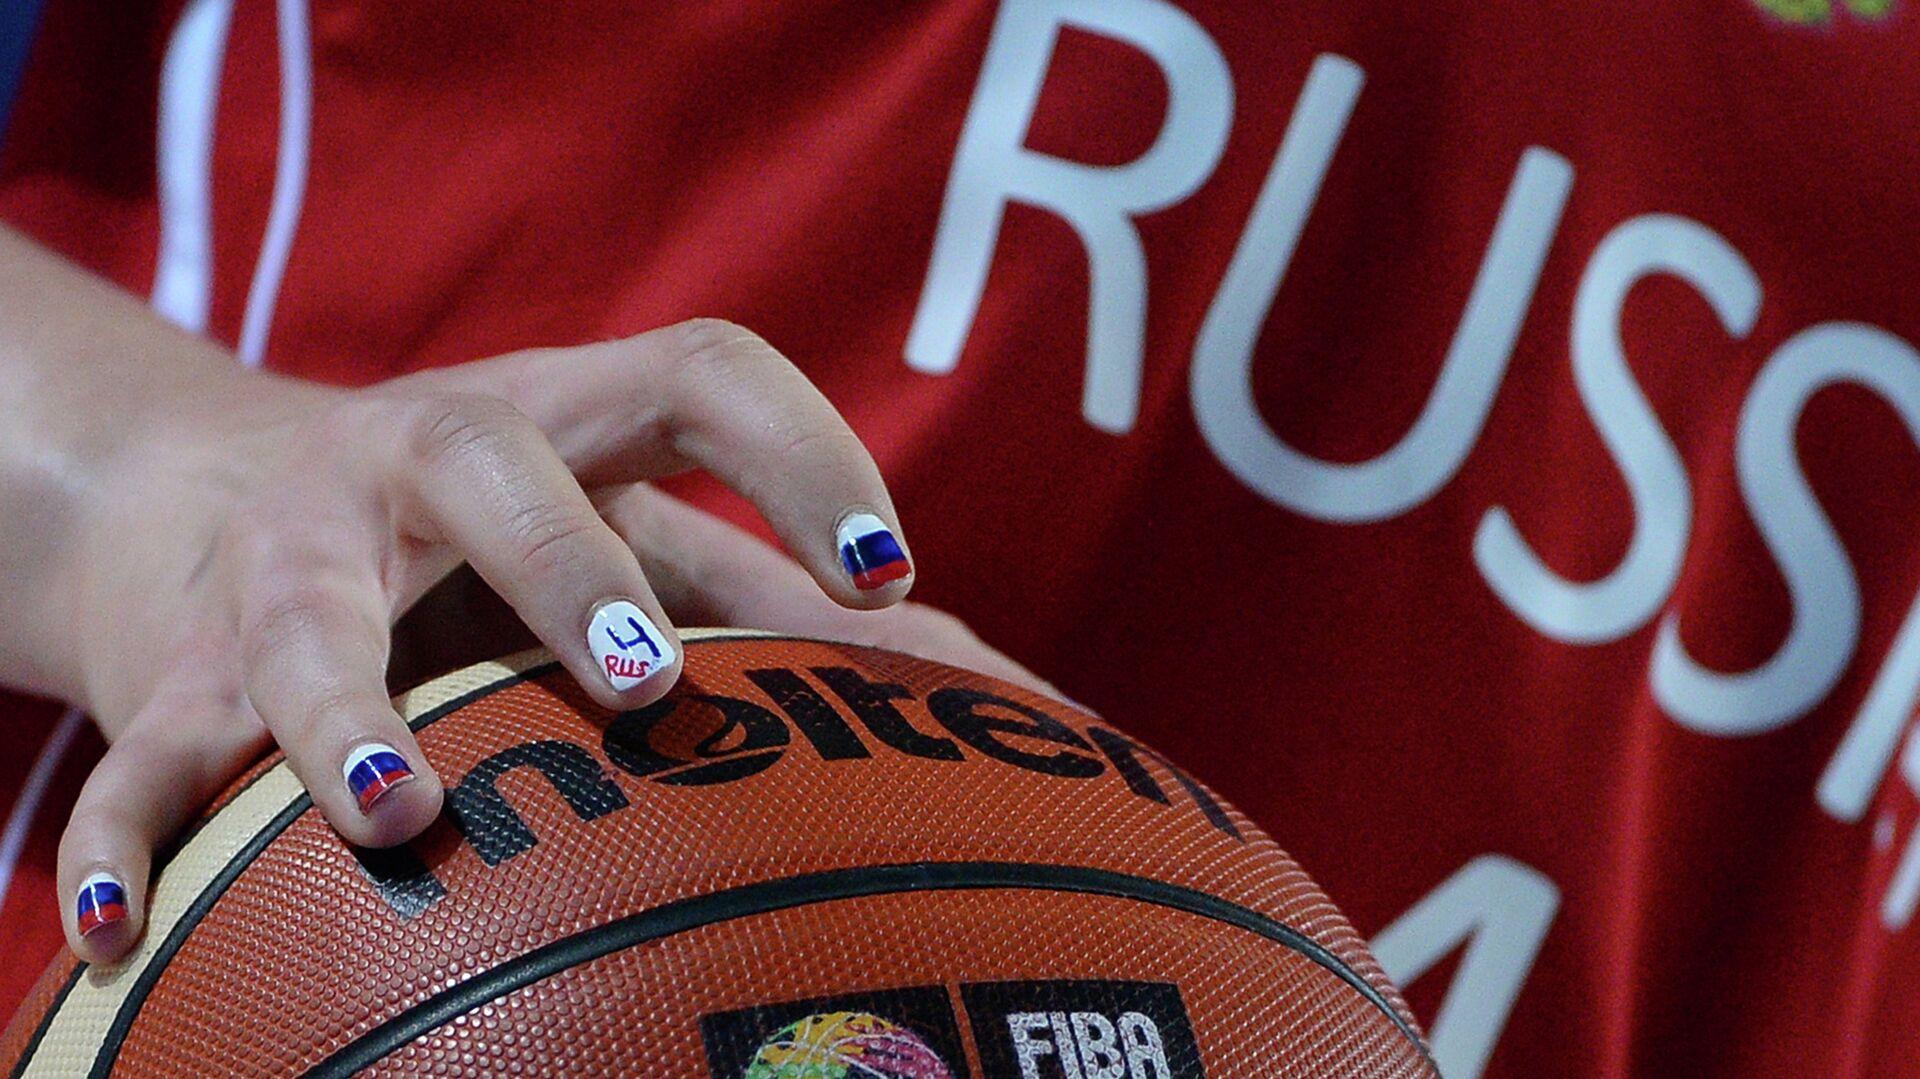 Баскетбольный мяч - РИА Новости, 1920, 16.06.2021